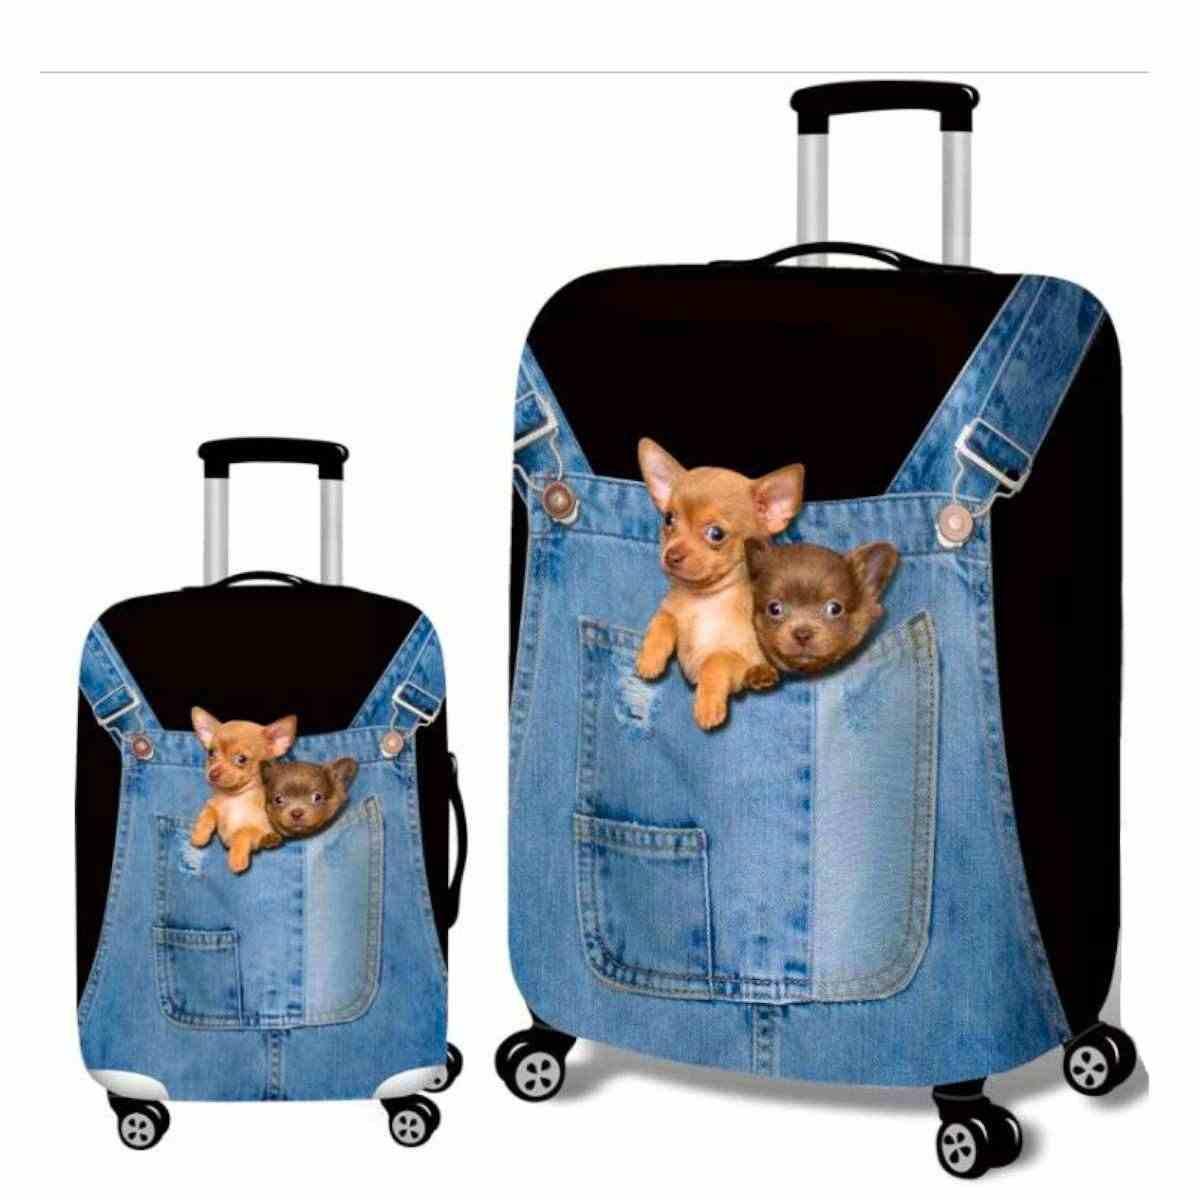 3D Denim น่ารักแมว/สุนัขป้องกันกระเป๋าเดินทาง 18-32 นิ้วกระเป๋าเดินทางกรณีครอบคลุมอุปกรณ์เสริม